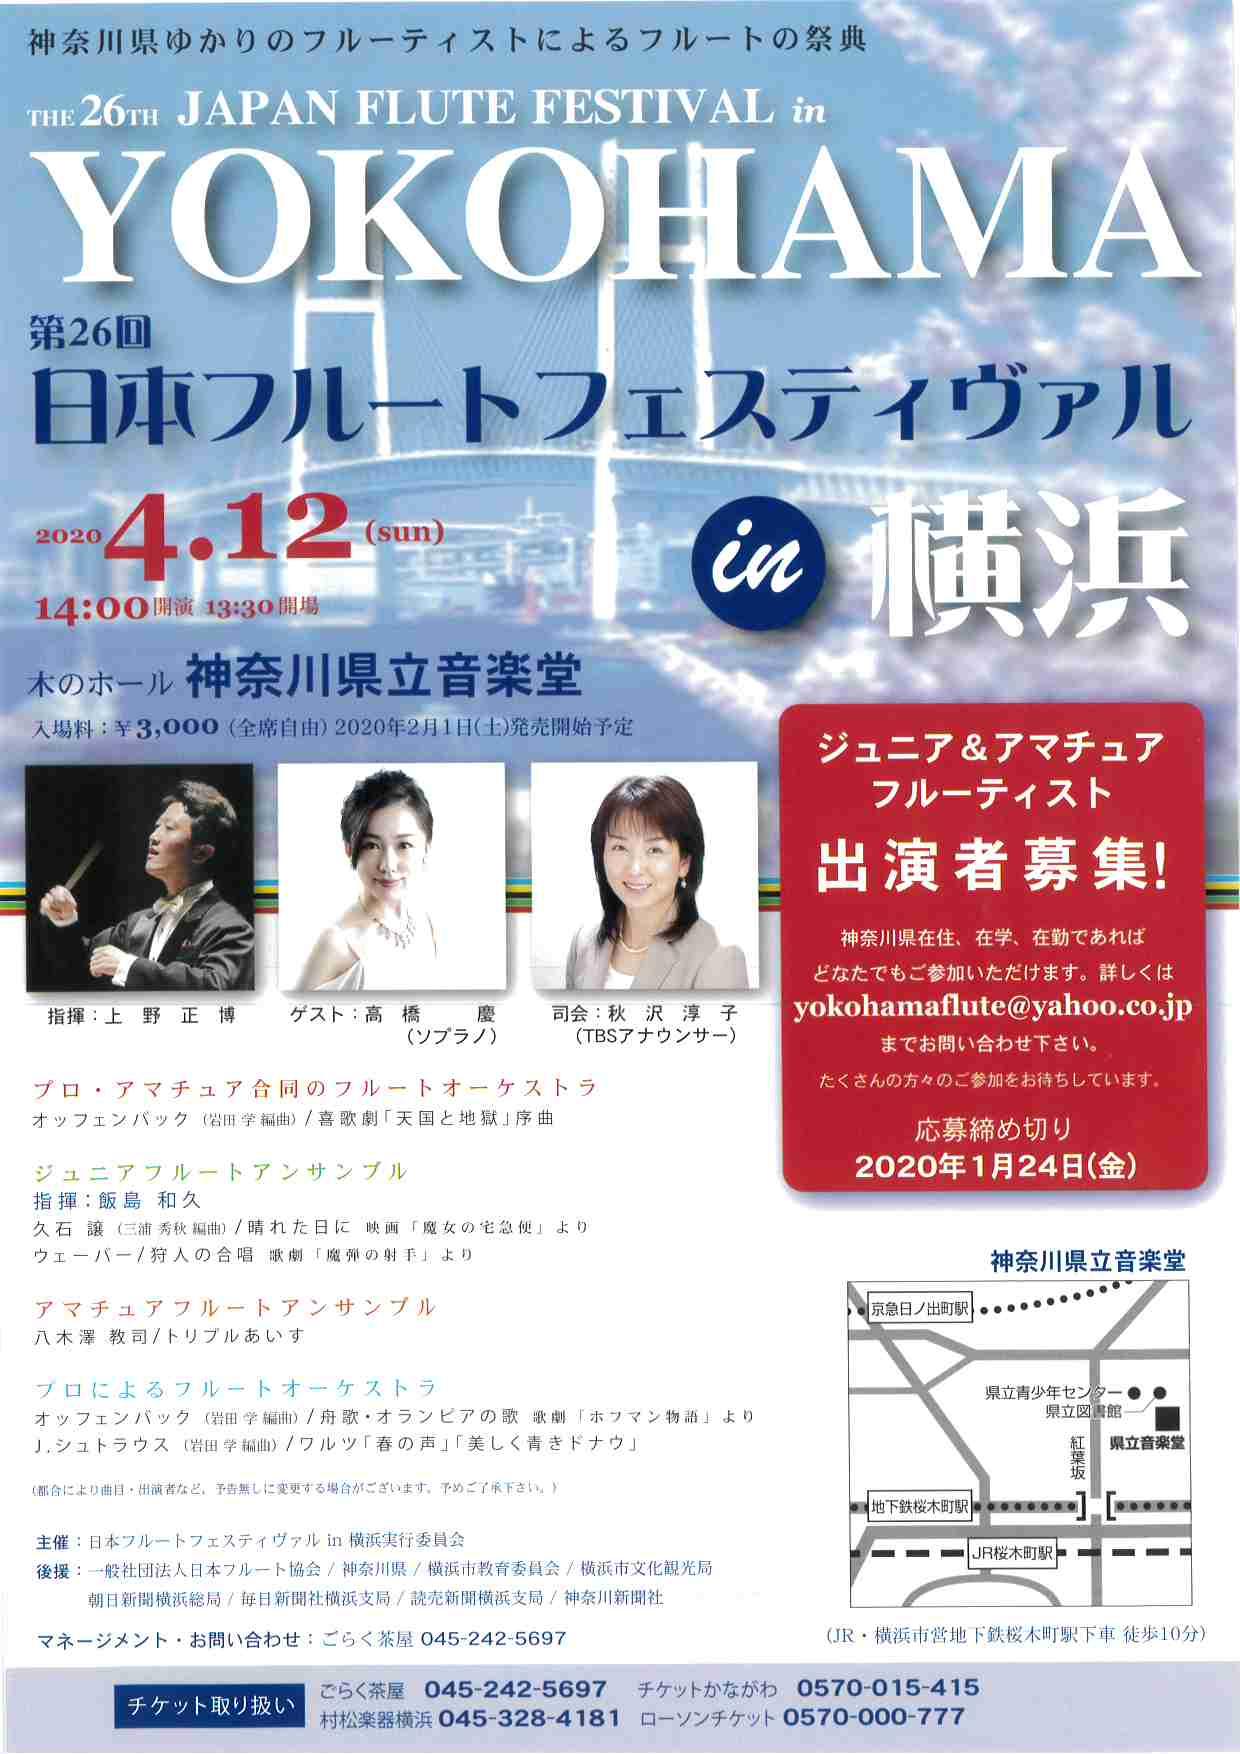 第26回日本フルートフェスティバル in 横浜